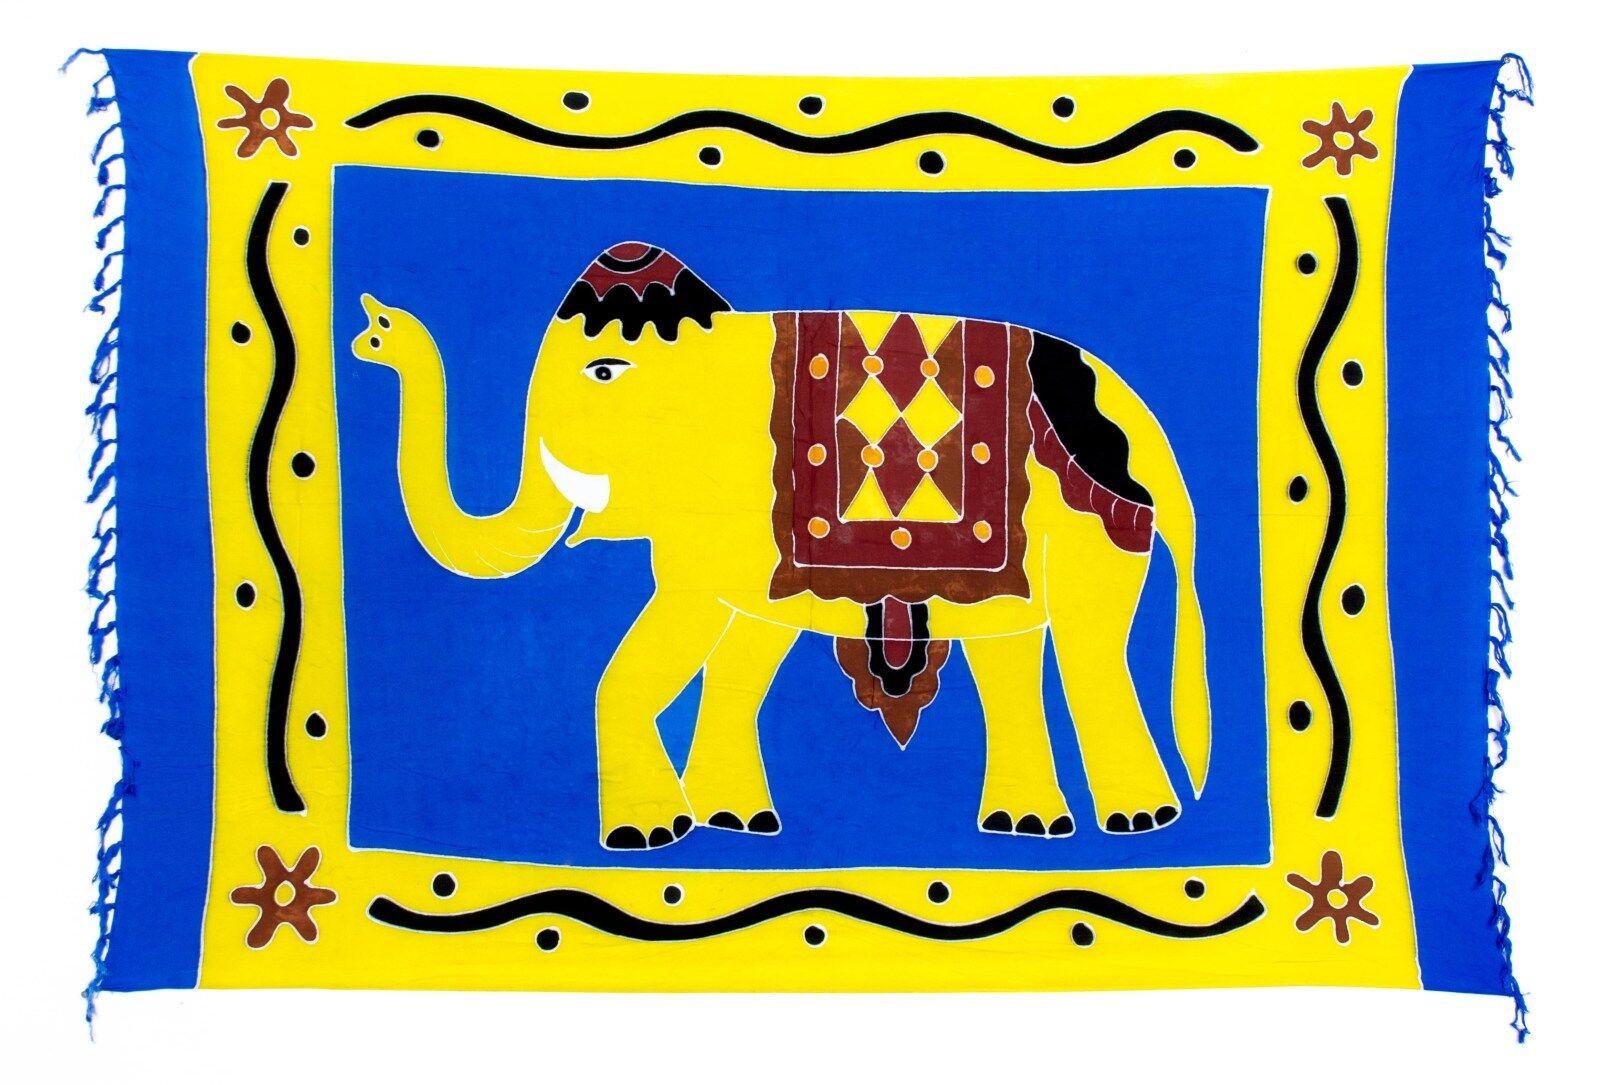 Sarong / Pareo / Strandtuch - Blau Gelb mit Elefant Motiv